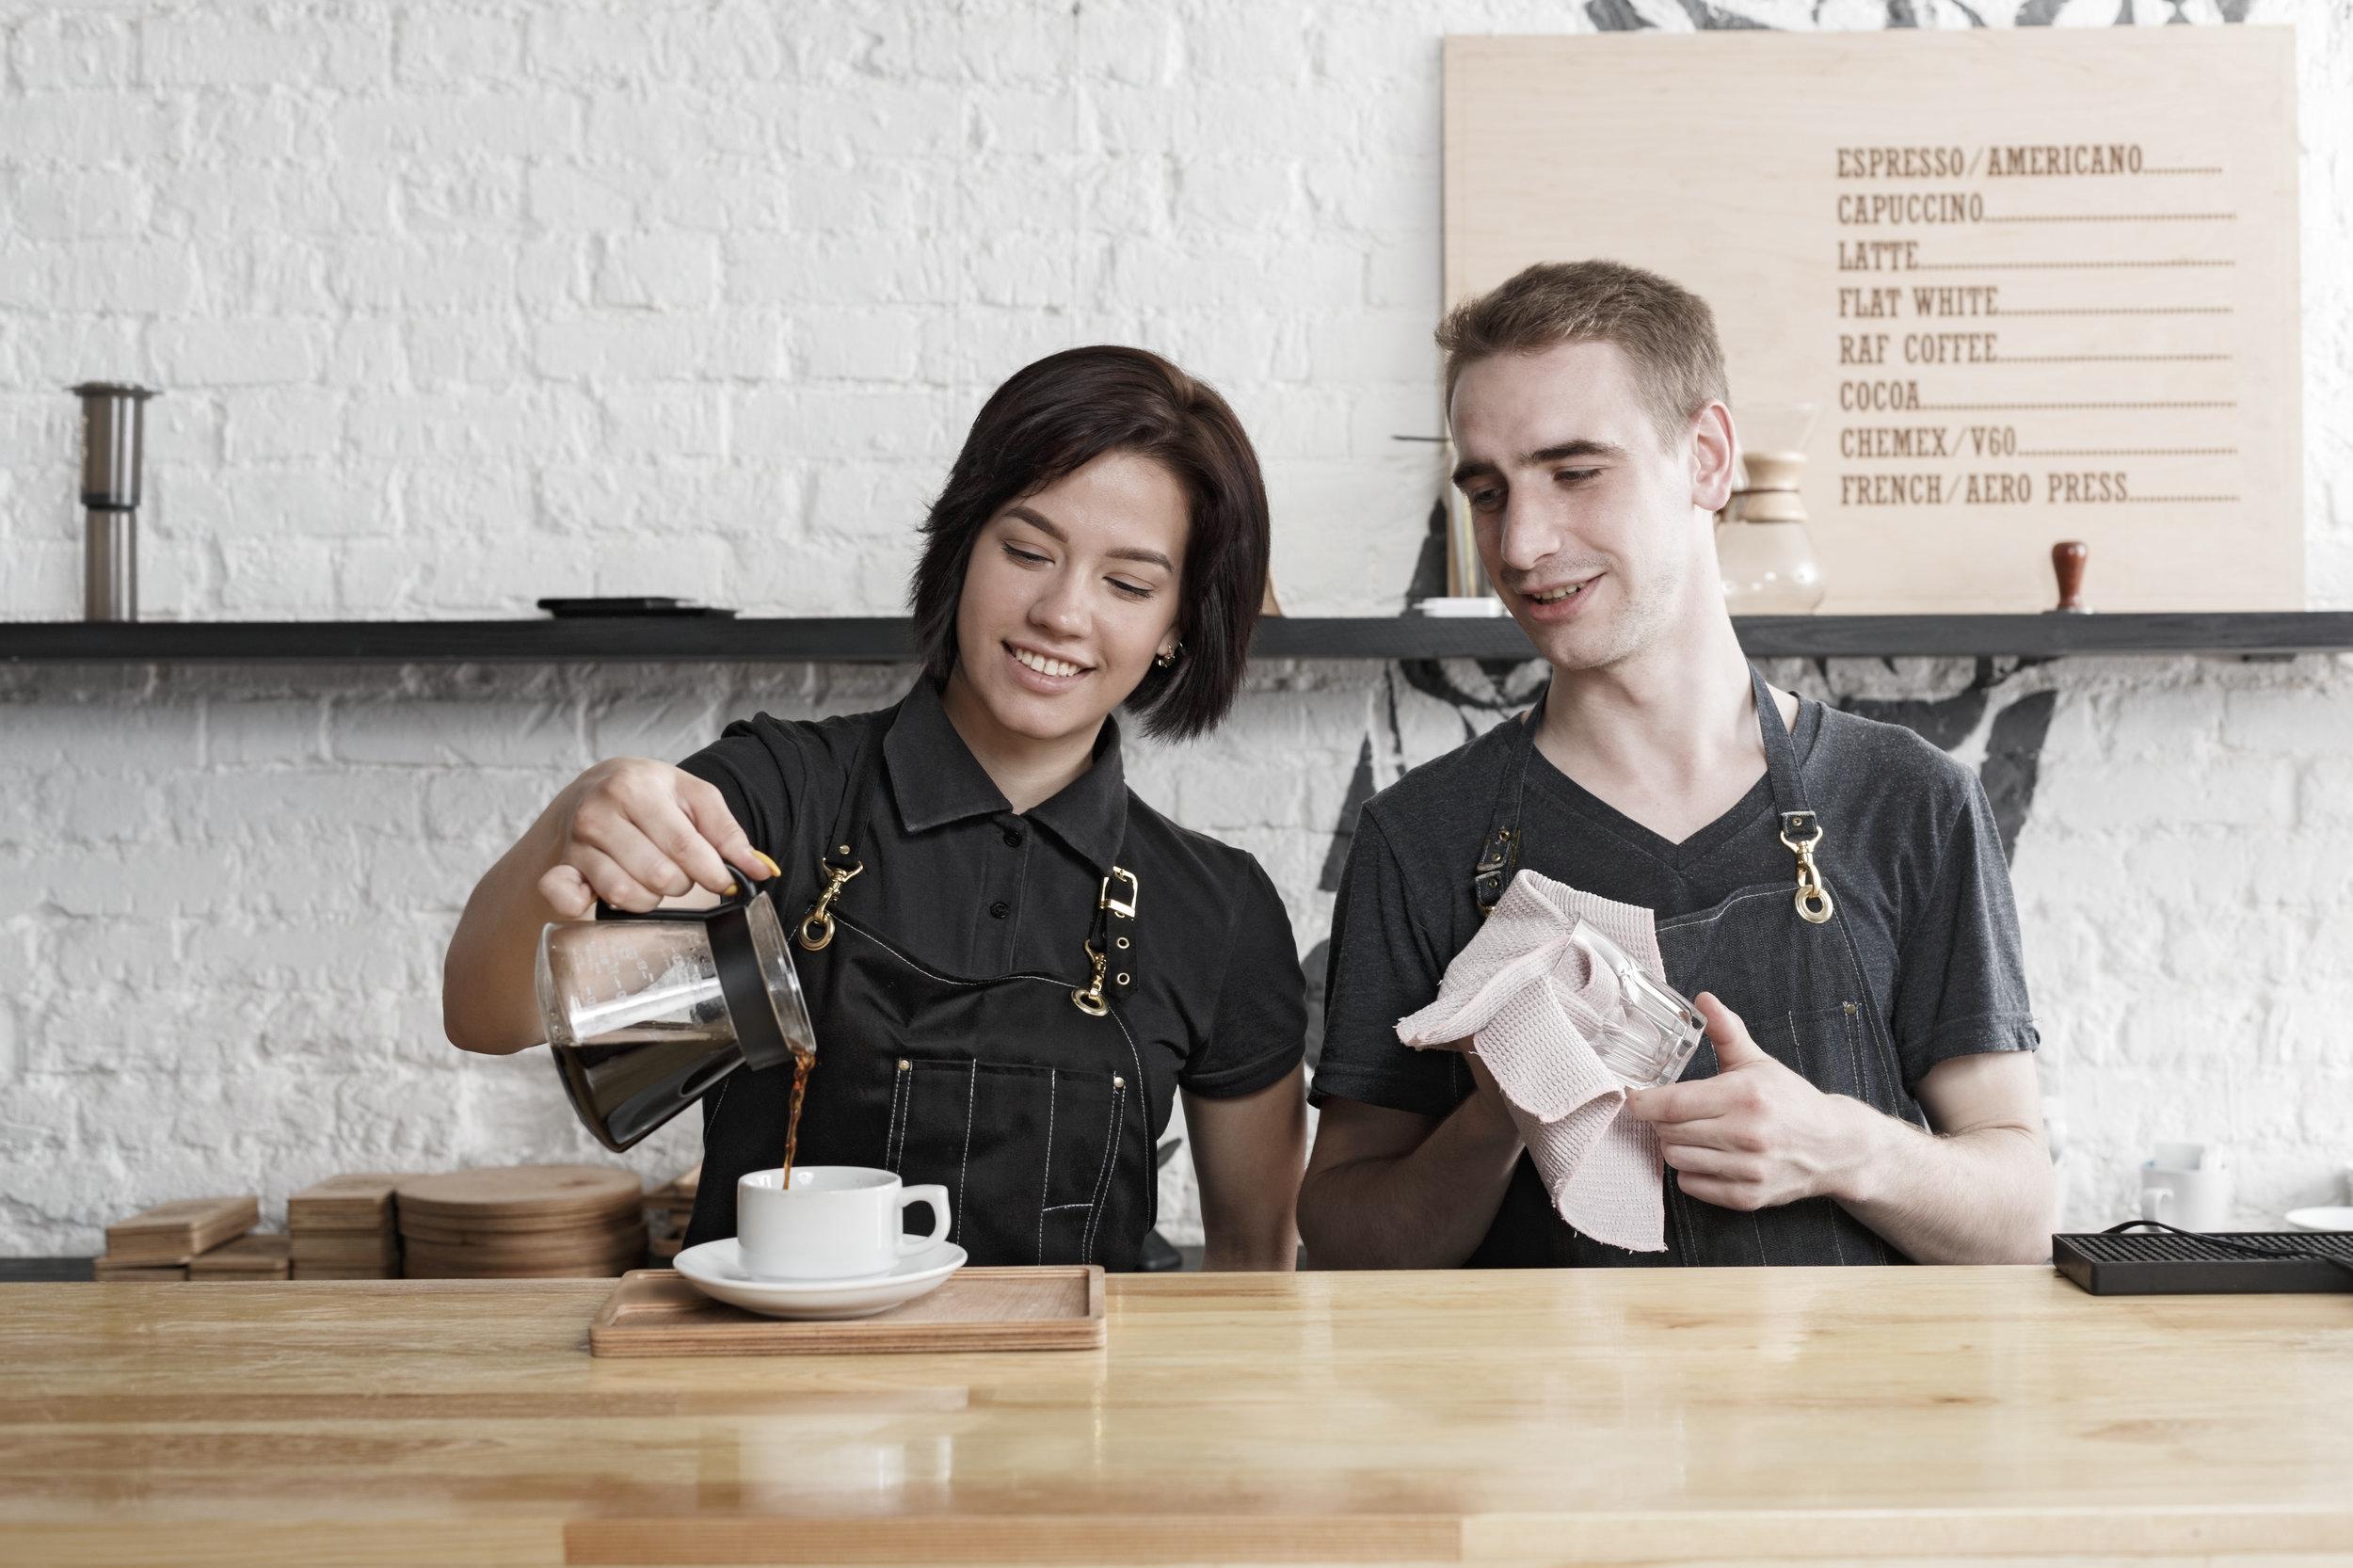 male-and-female-bartenders-brewing-fresh-coffee-PUR5WU3.jpg